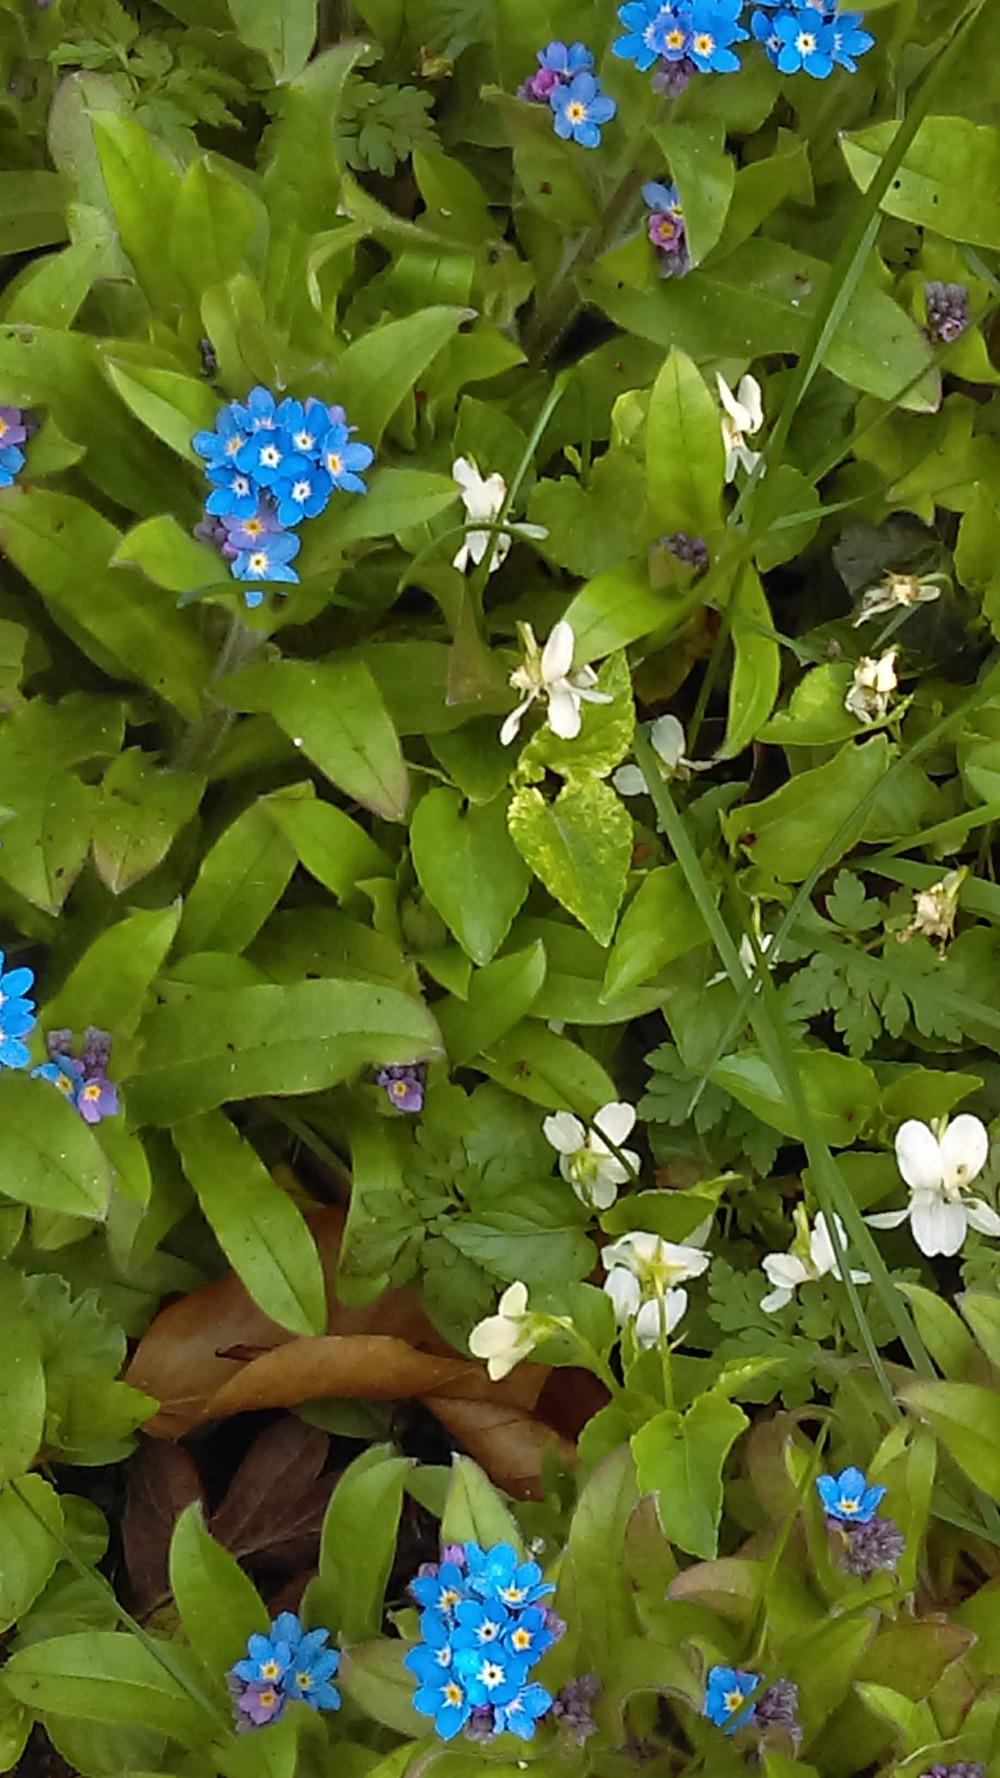 Spring flowers, Lottie Gaberle, www.topschooltutoring.com